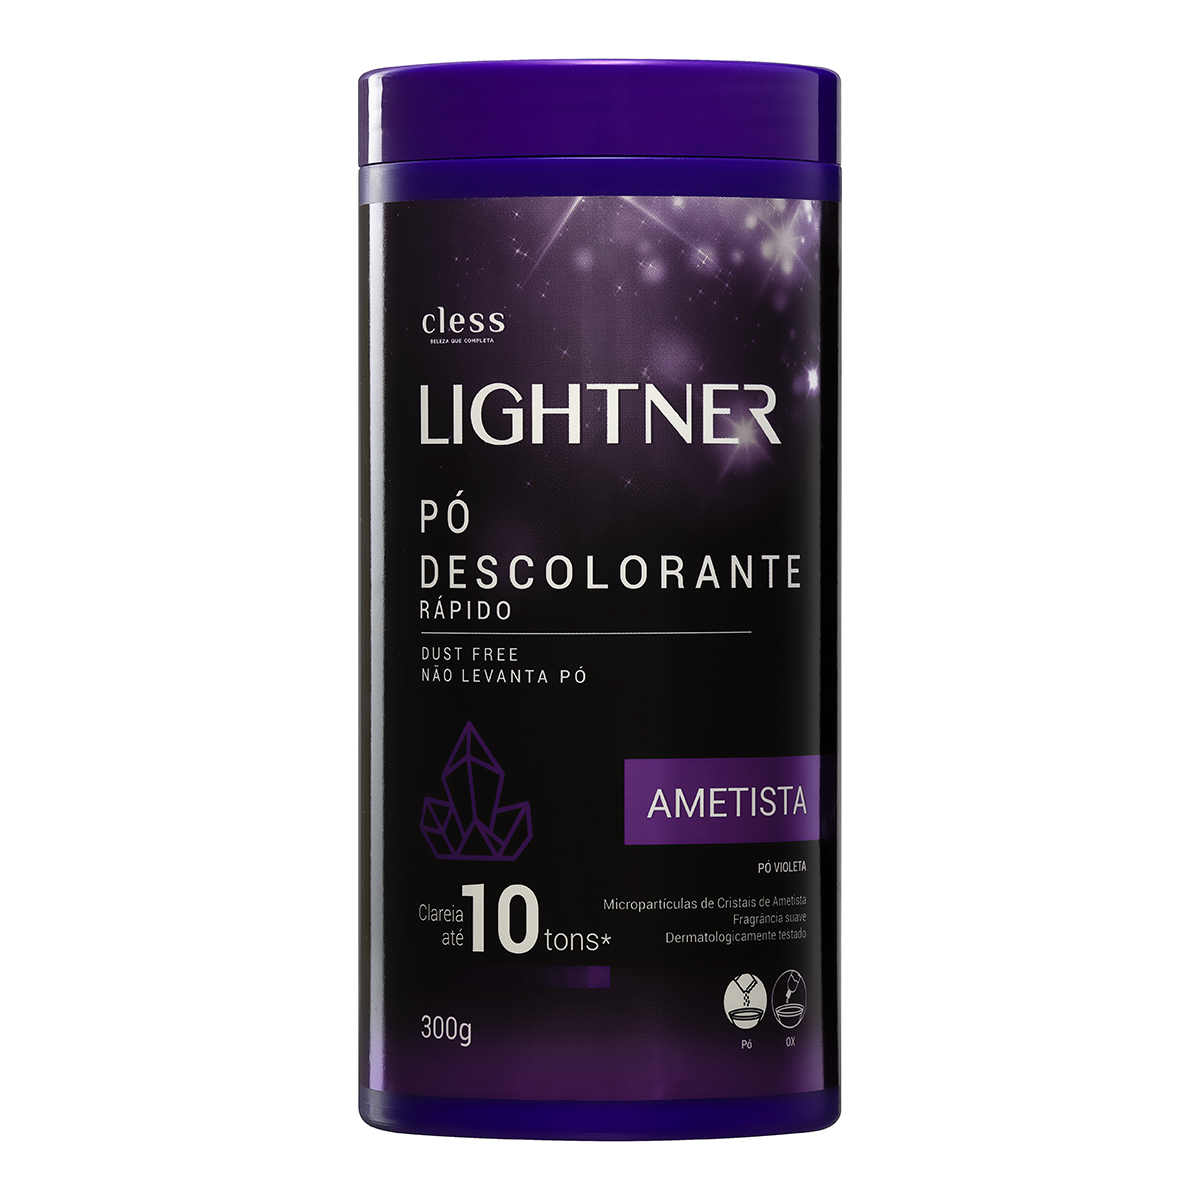 DESCOLORANTE LIGHTNER PO 300G AMETISTA POTE